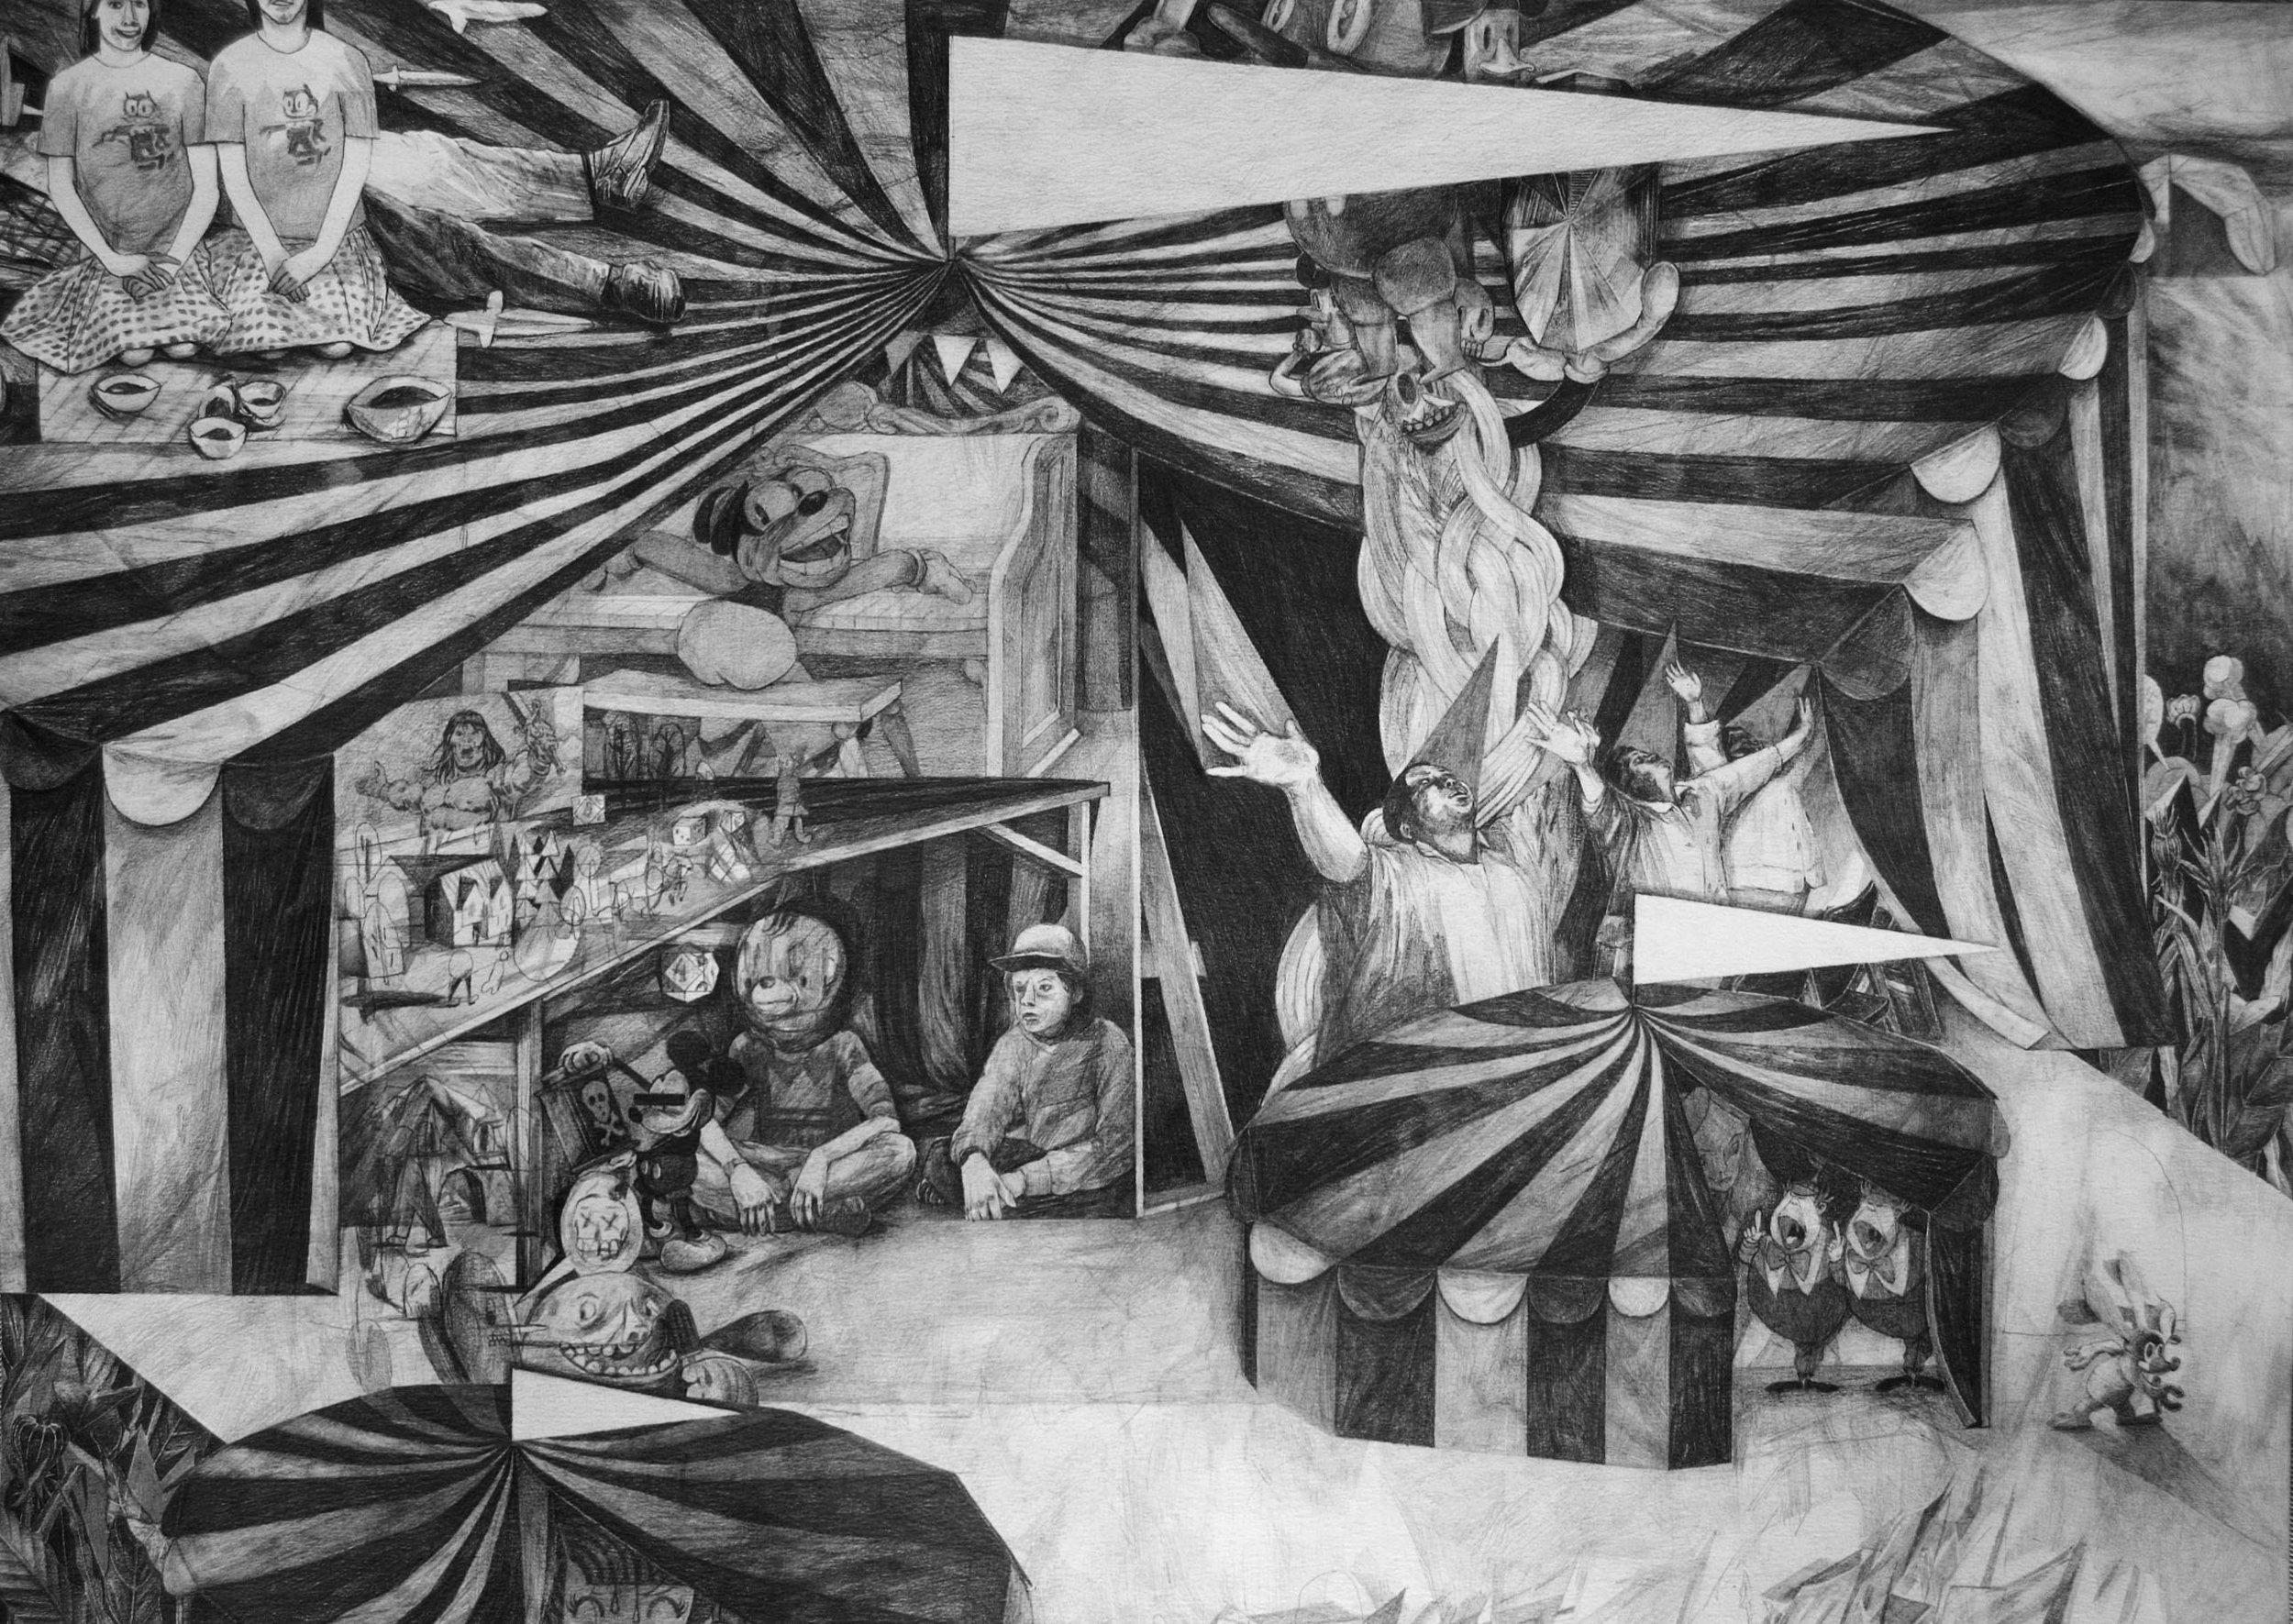 8 Schools Of Magic, 42 x 59cm, pencil on paper, 2016